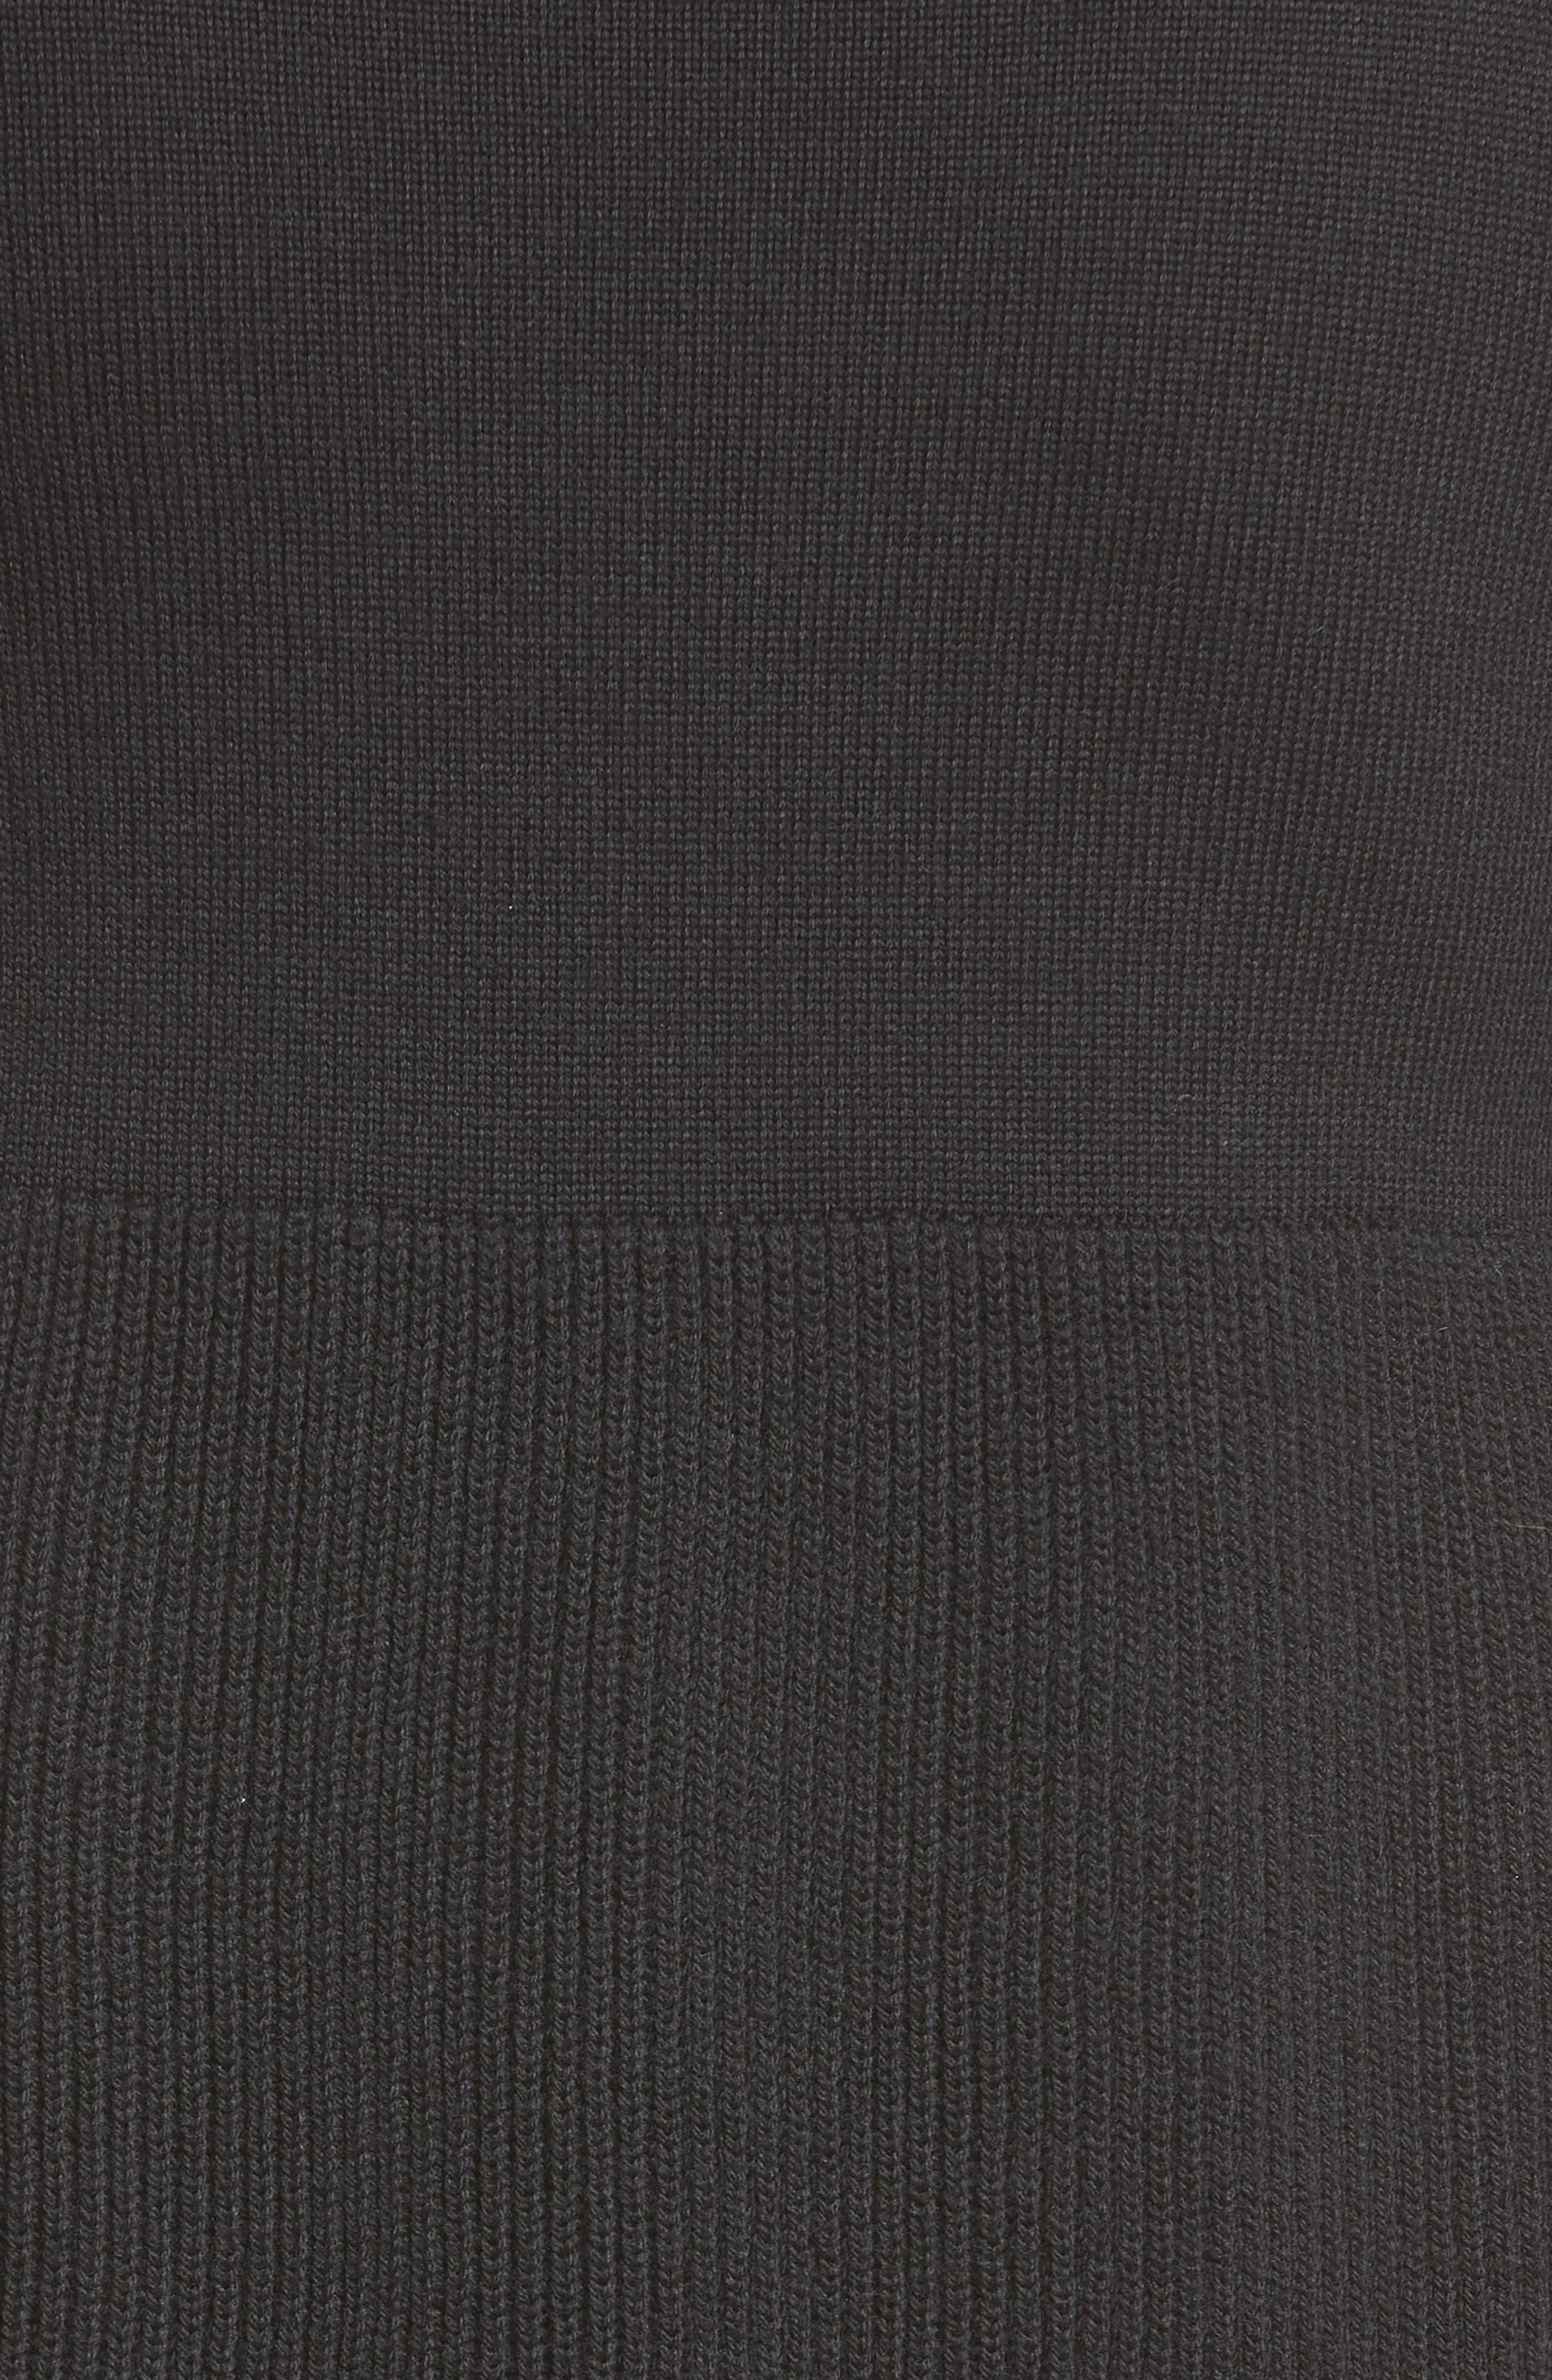 Drawstring Hem Tricot Knit Dress,                             Alternate thumbnail 5, color,